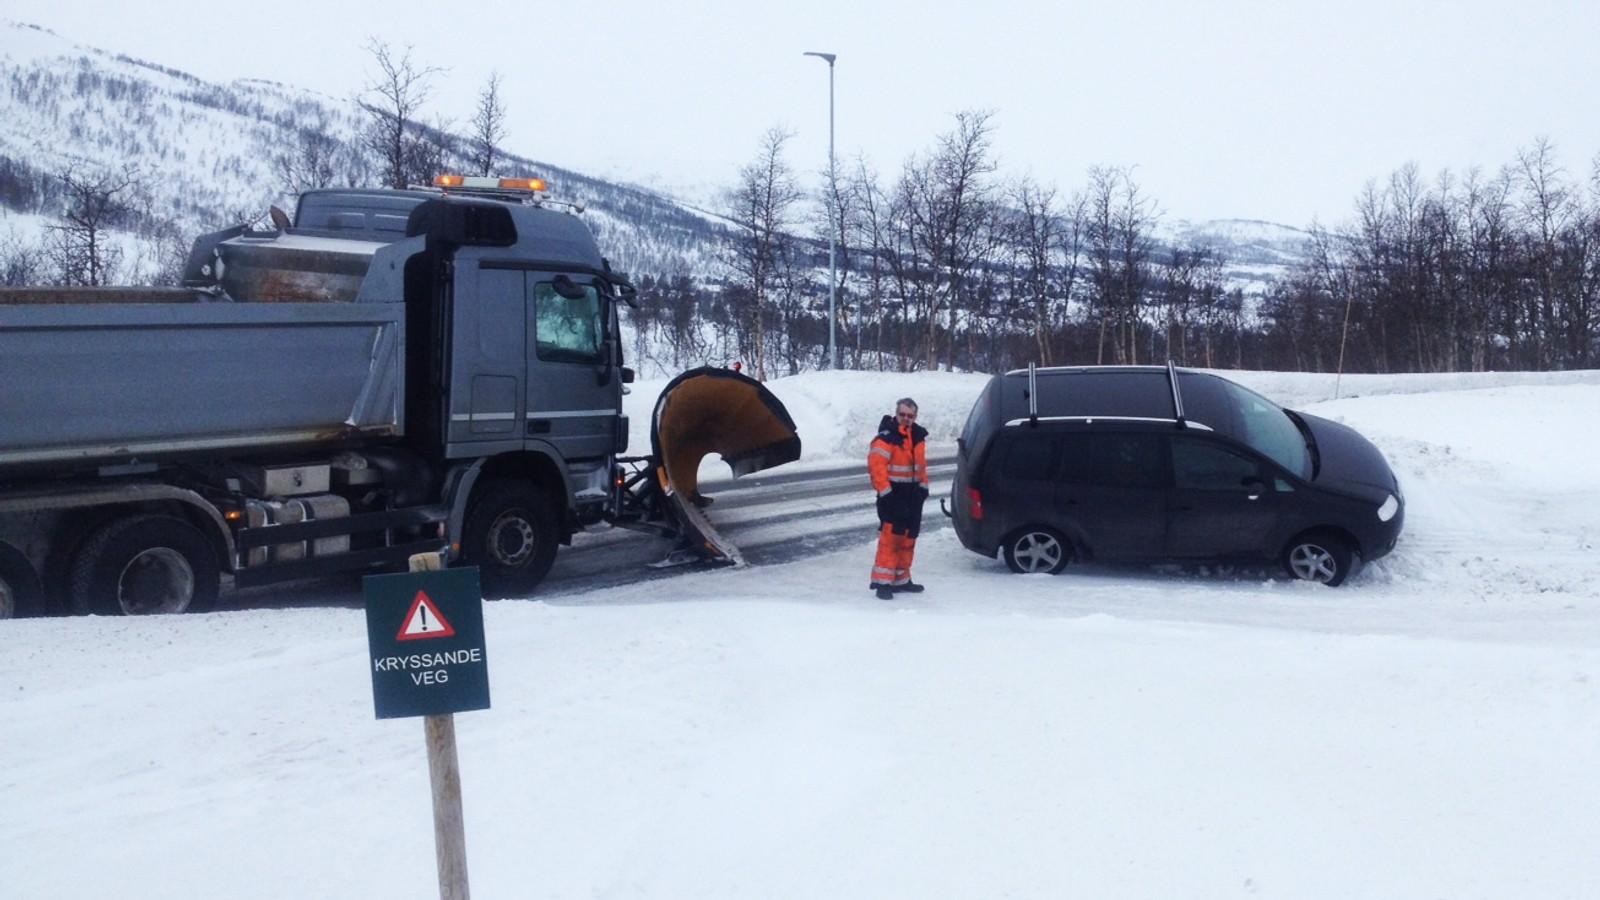 Etter det klarte han å få tak i ein tredje bil ved Leiro brøytestasjon, og sette kursen mot Eidfjord igjen. Turen enda i grøfta her og mannen vart arrestert av politiet.